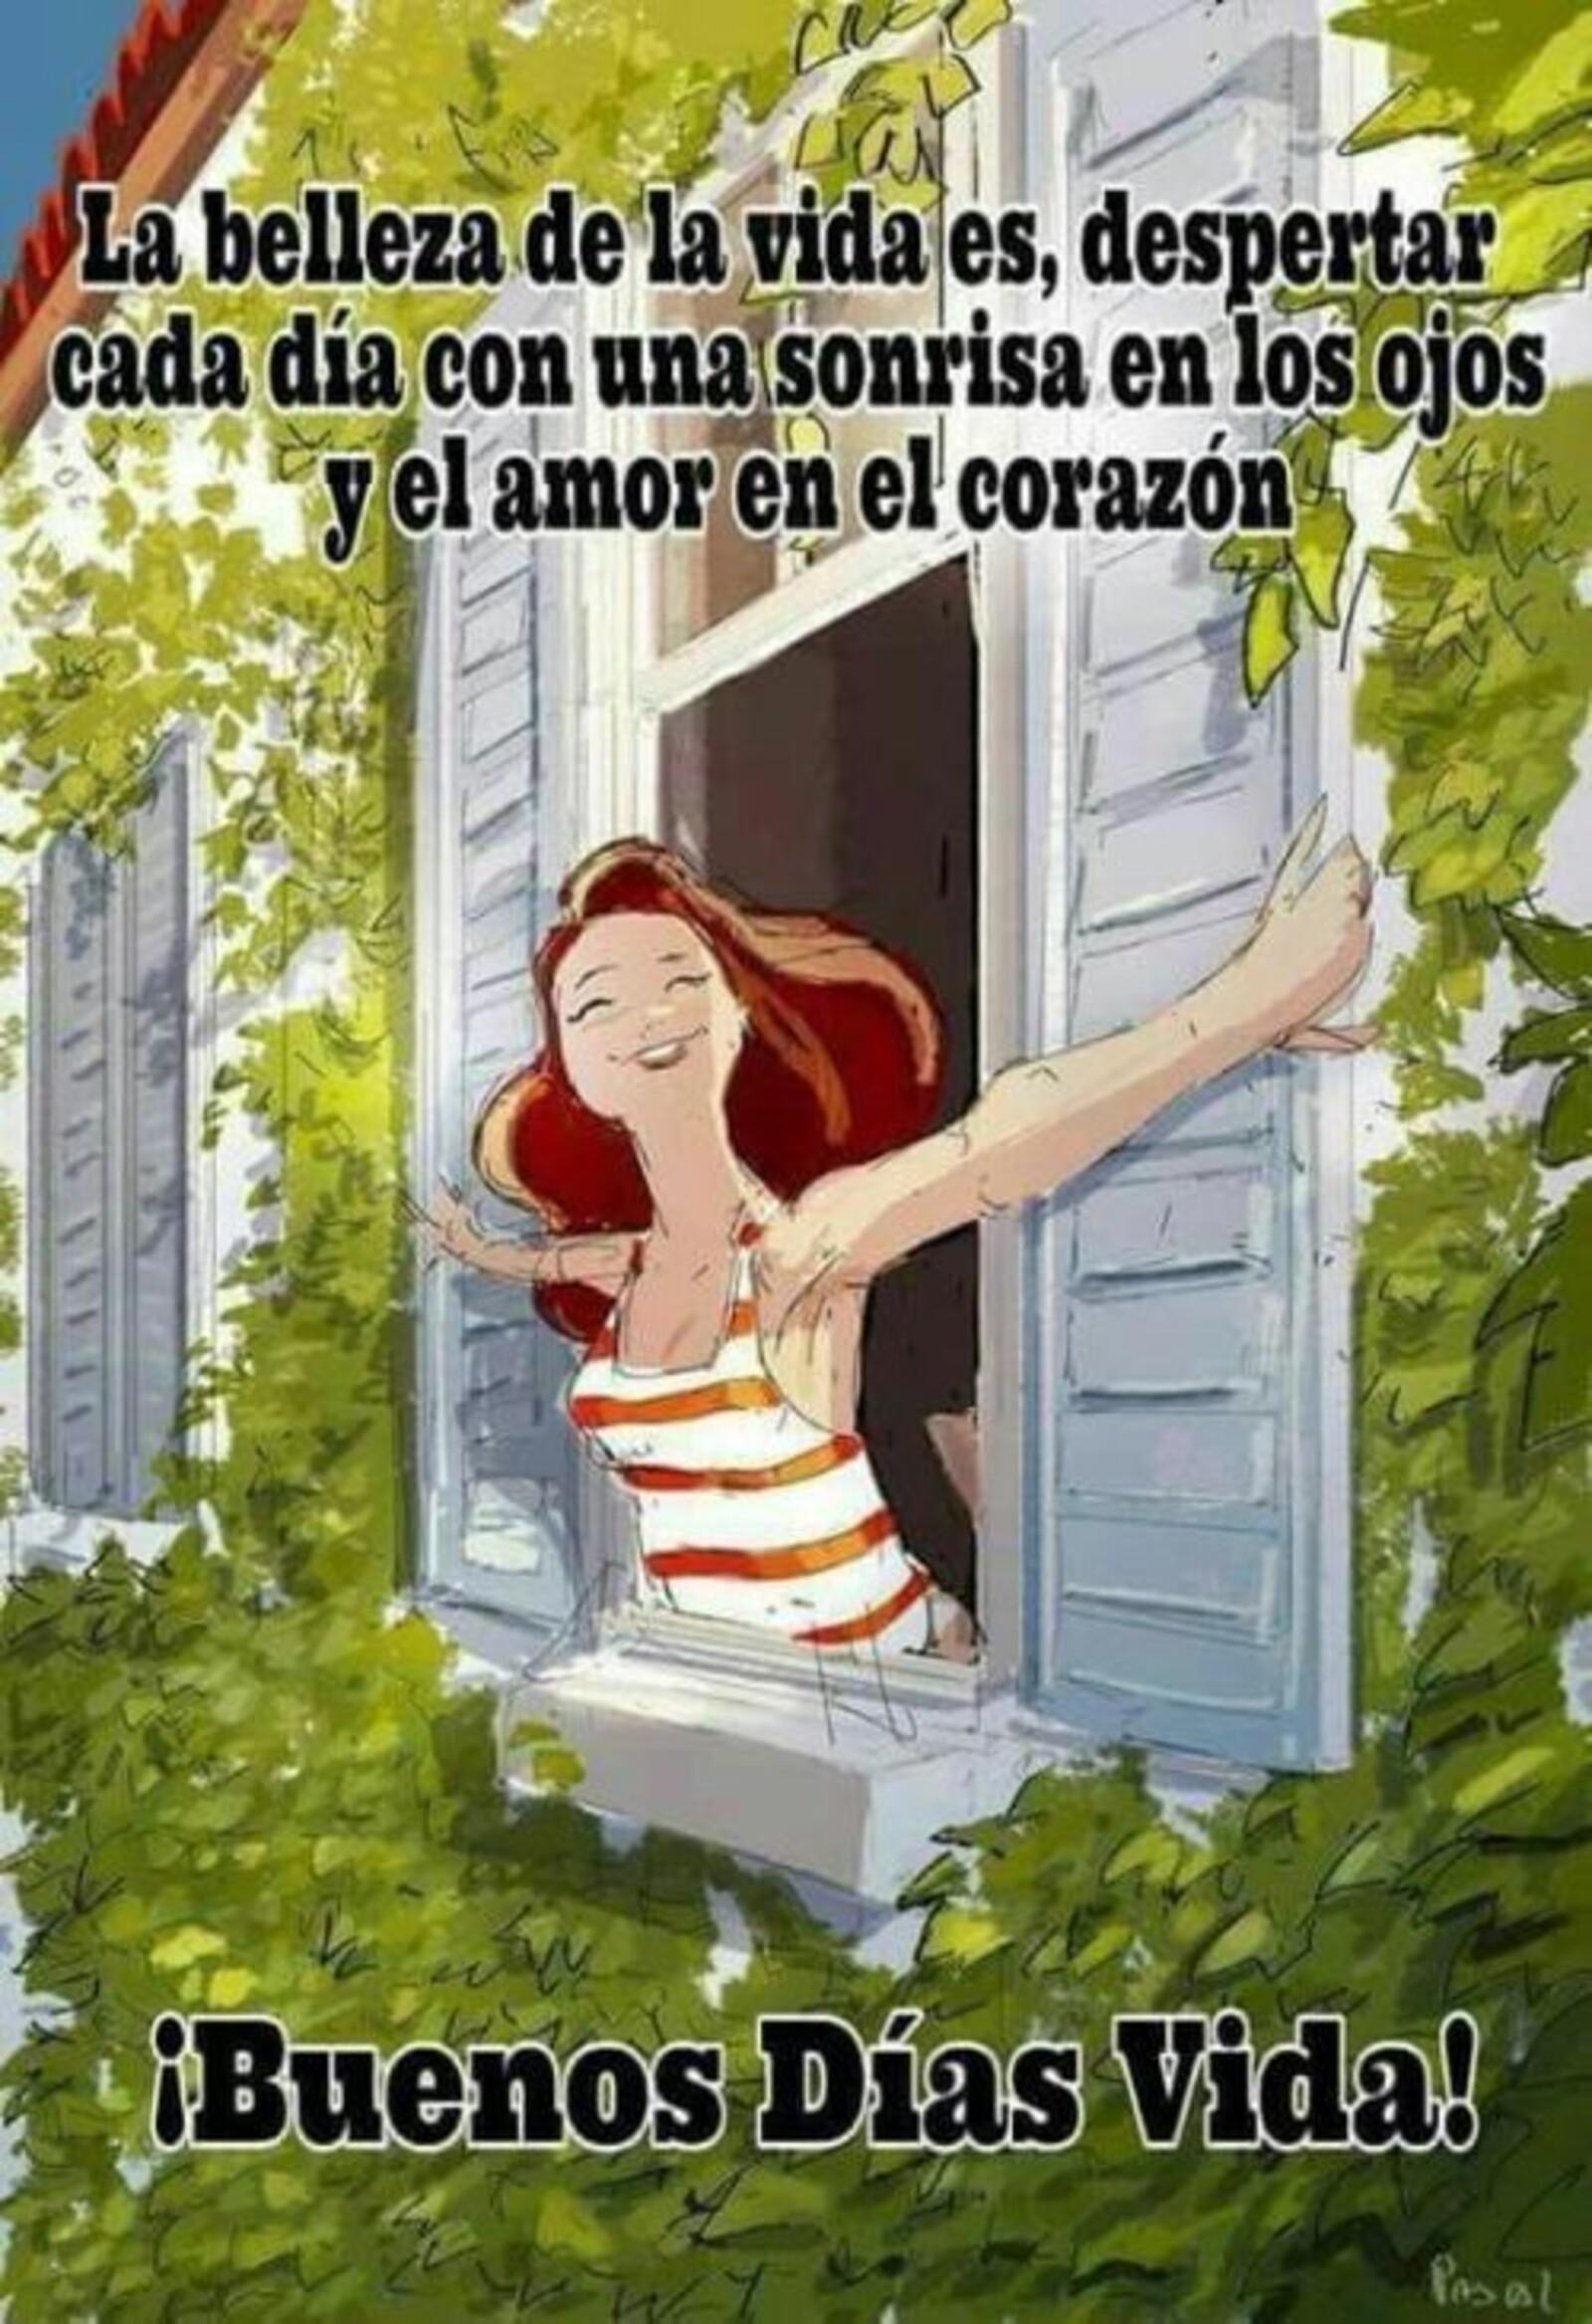 La belleza de la vida es, despertar cada día con una sonrisa en los ojos y el amor en el corazón!! buenos dias vida!!